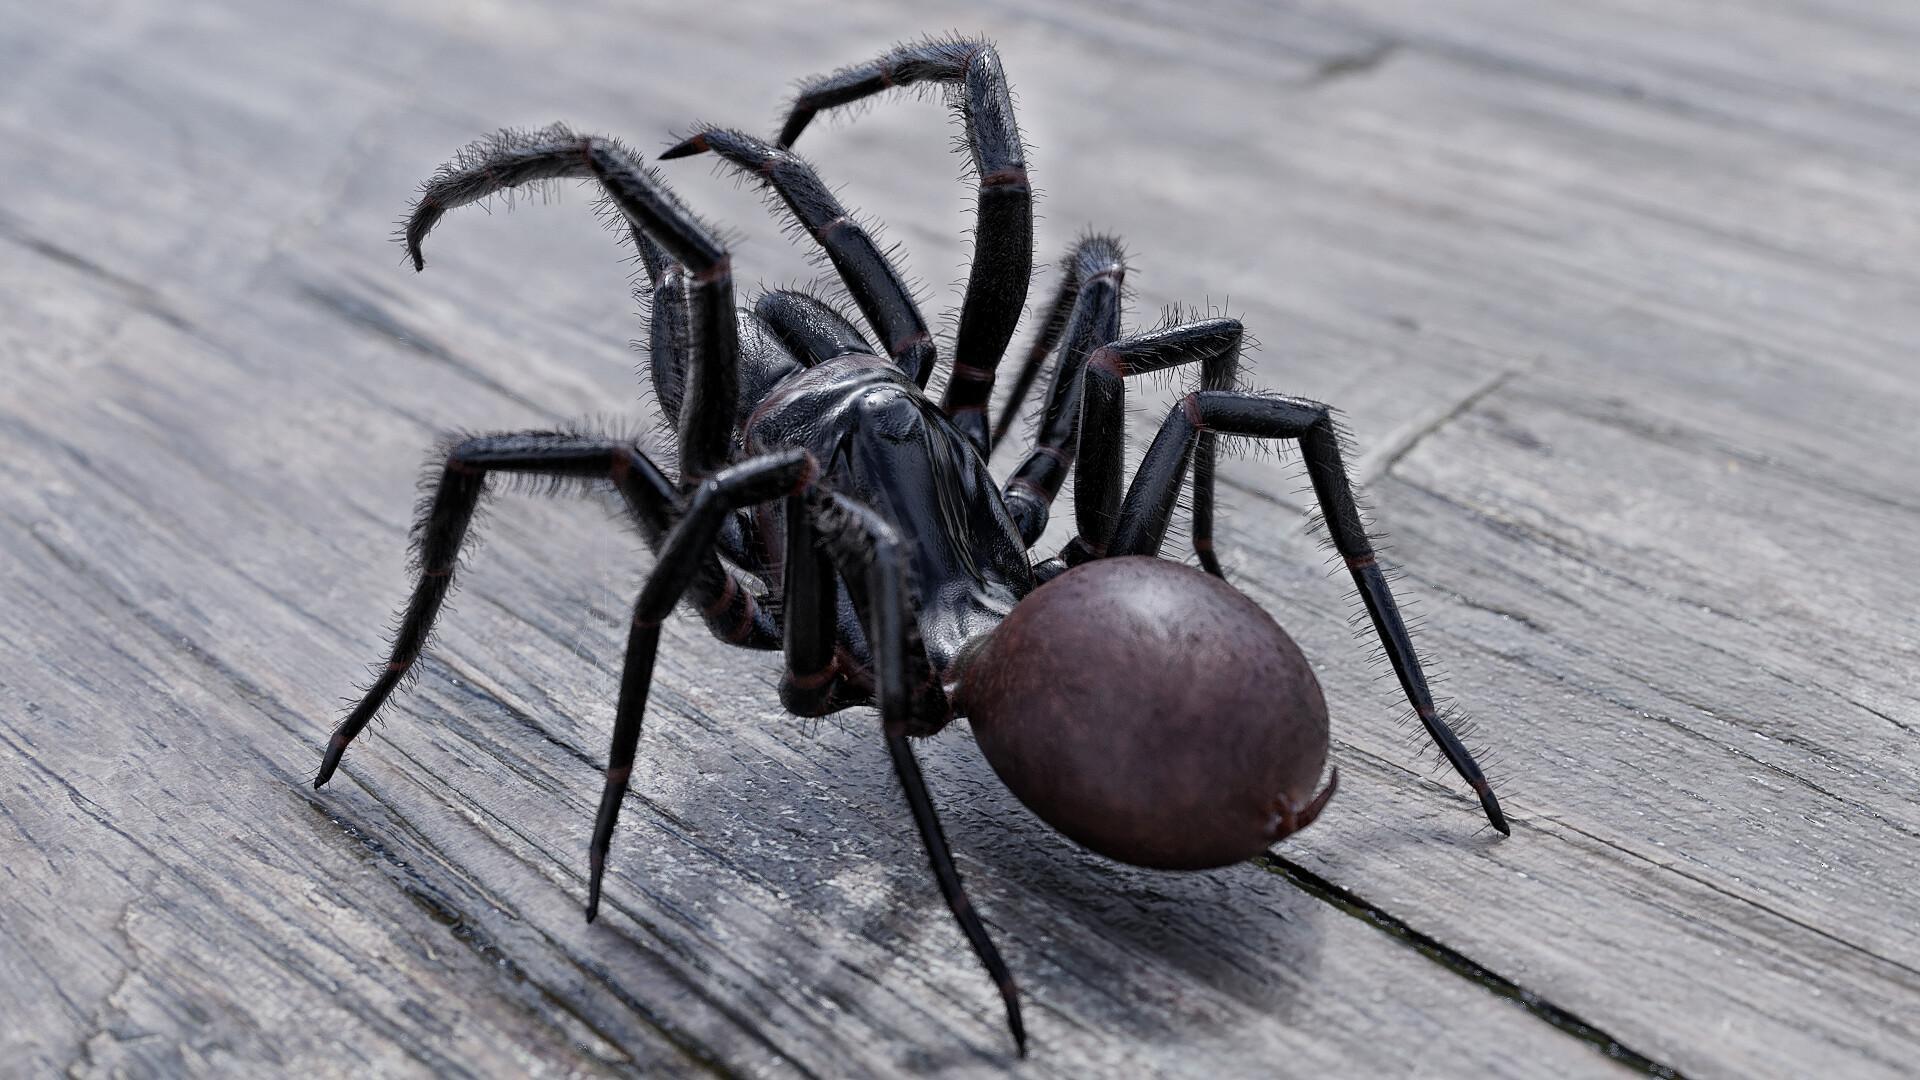 Брюшко и хелицеры оказались самыми пугающими частями тела пауков